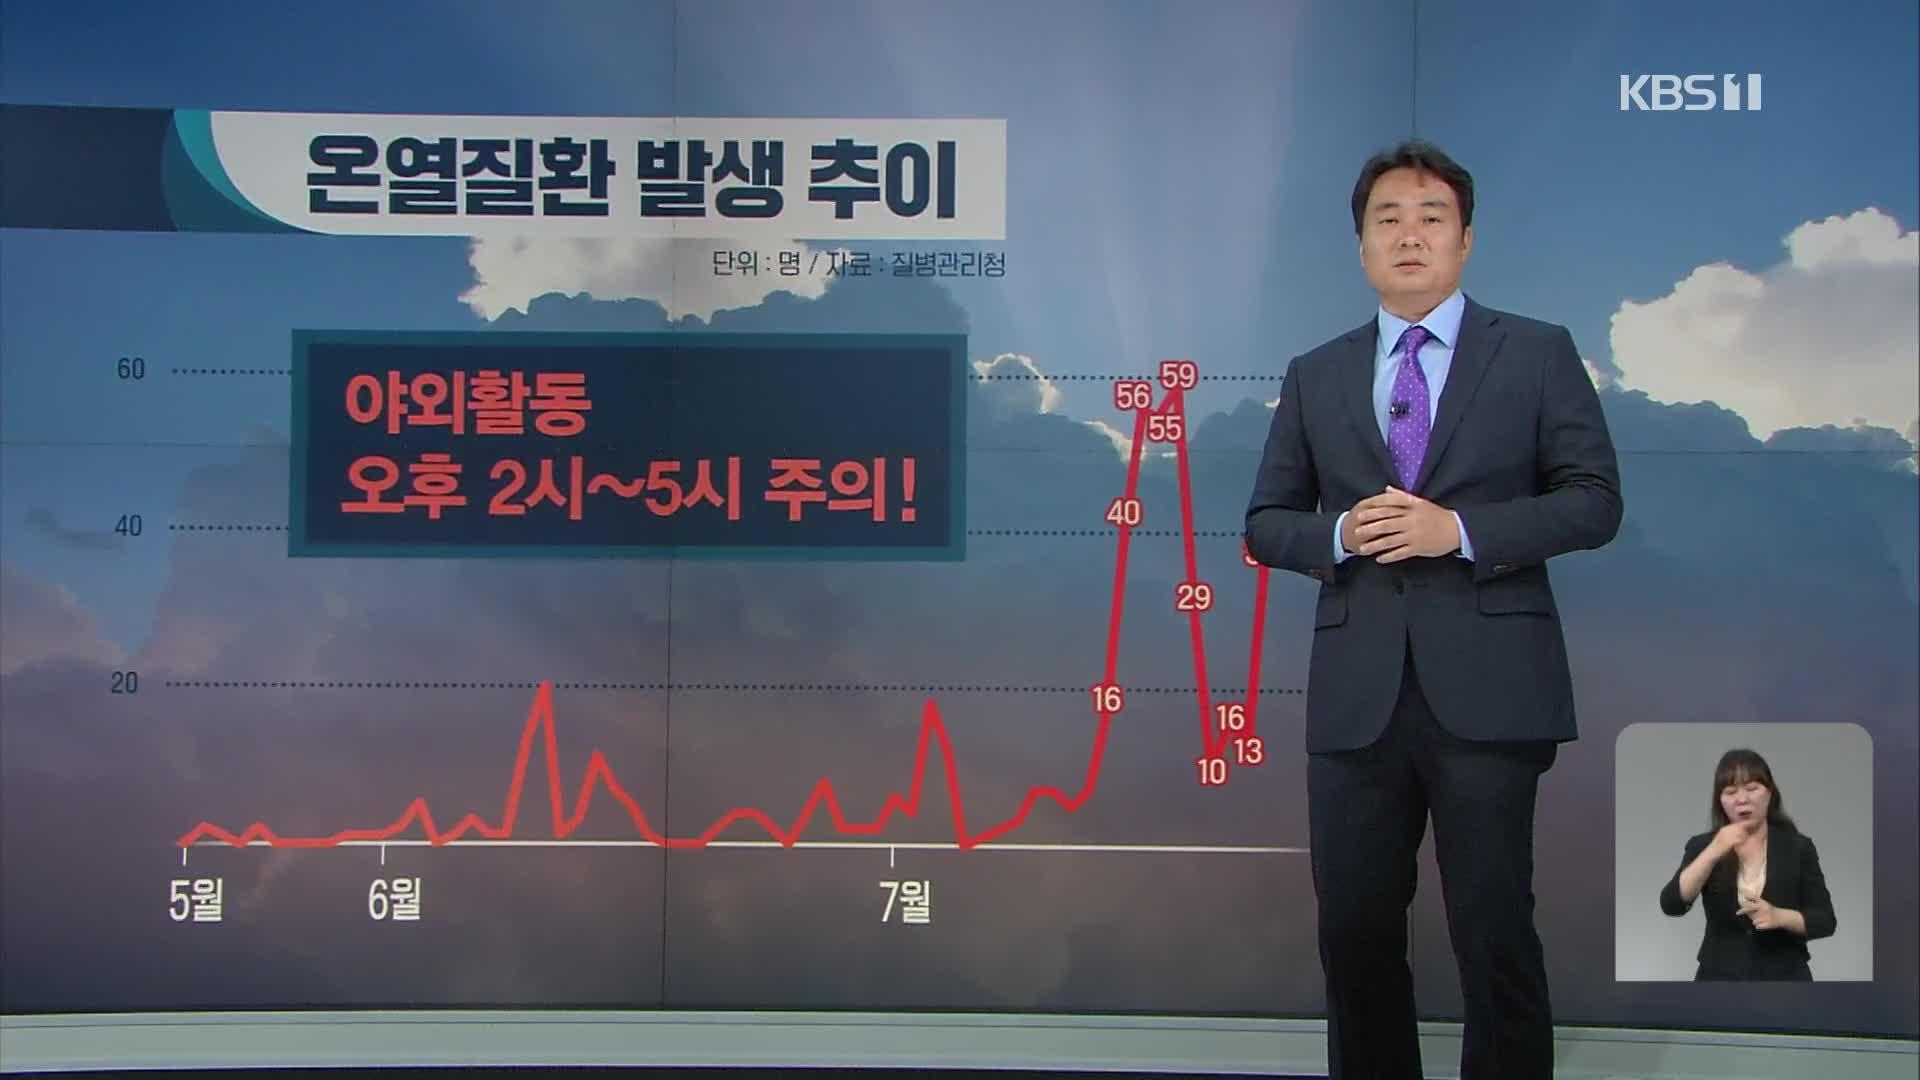 서울 37도 폭염…고수온 경보 확대